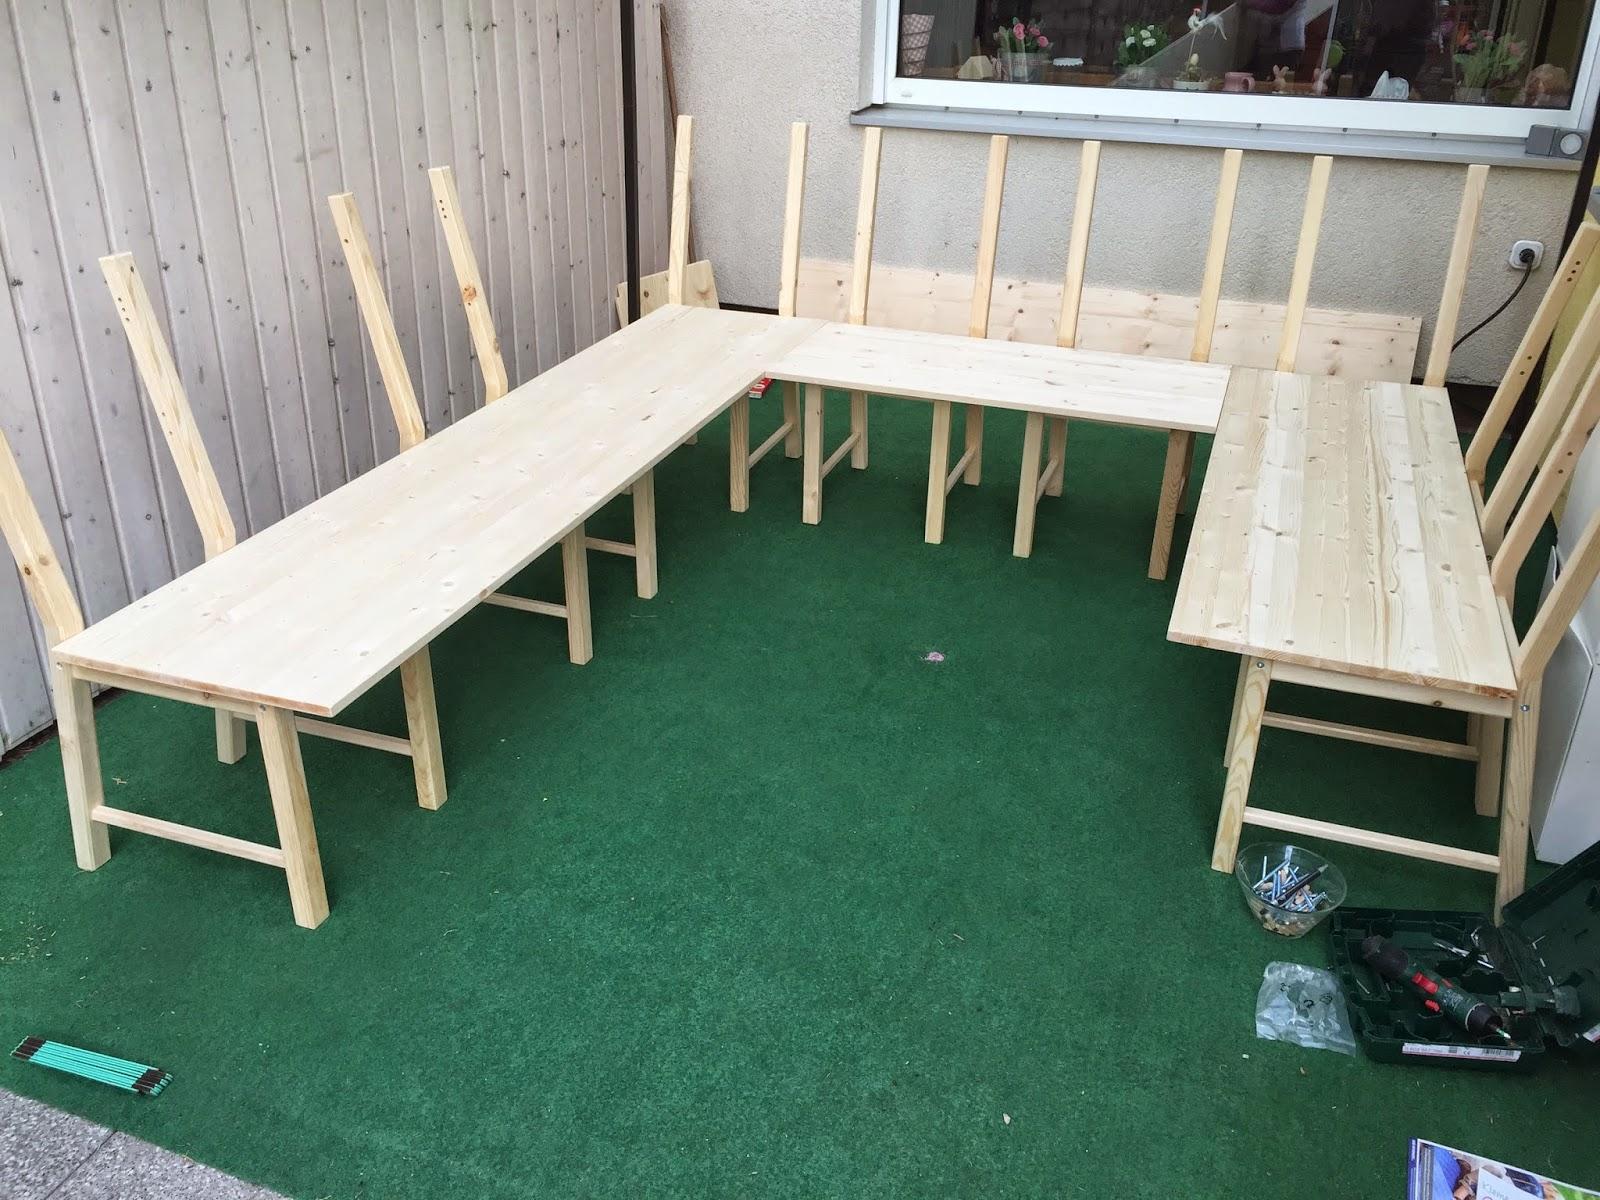 Full Size of Betten Ikea 160x200 Modulküche Sofa Mit Schlaffunktion Eckbank Küche Kaufen Miniküche Kosten Garten Bei Wohnzimmer Eckbank Ikea